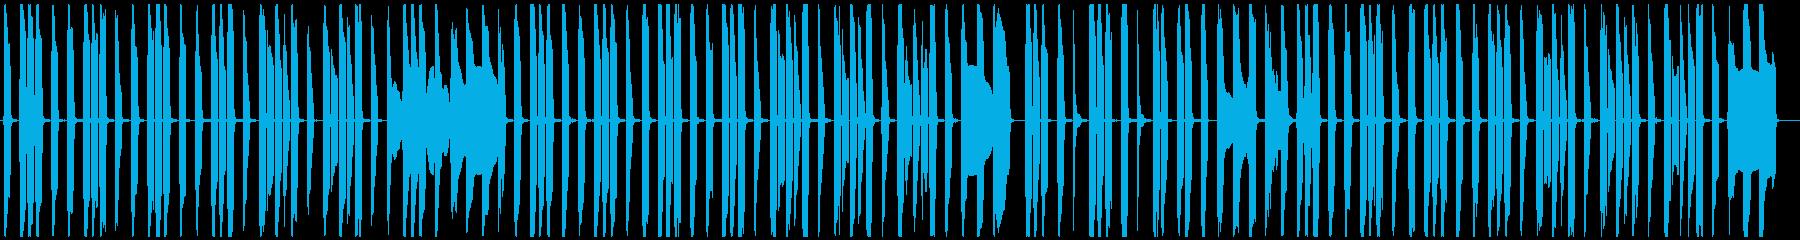 ぐうたらでのんきなコミカル曲の再生済みの波形